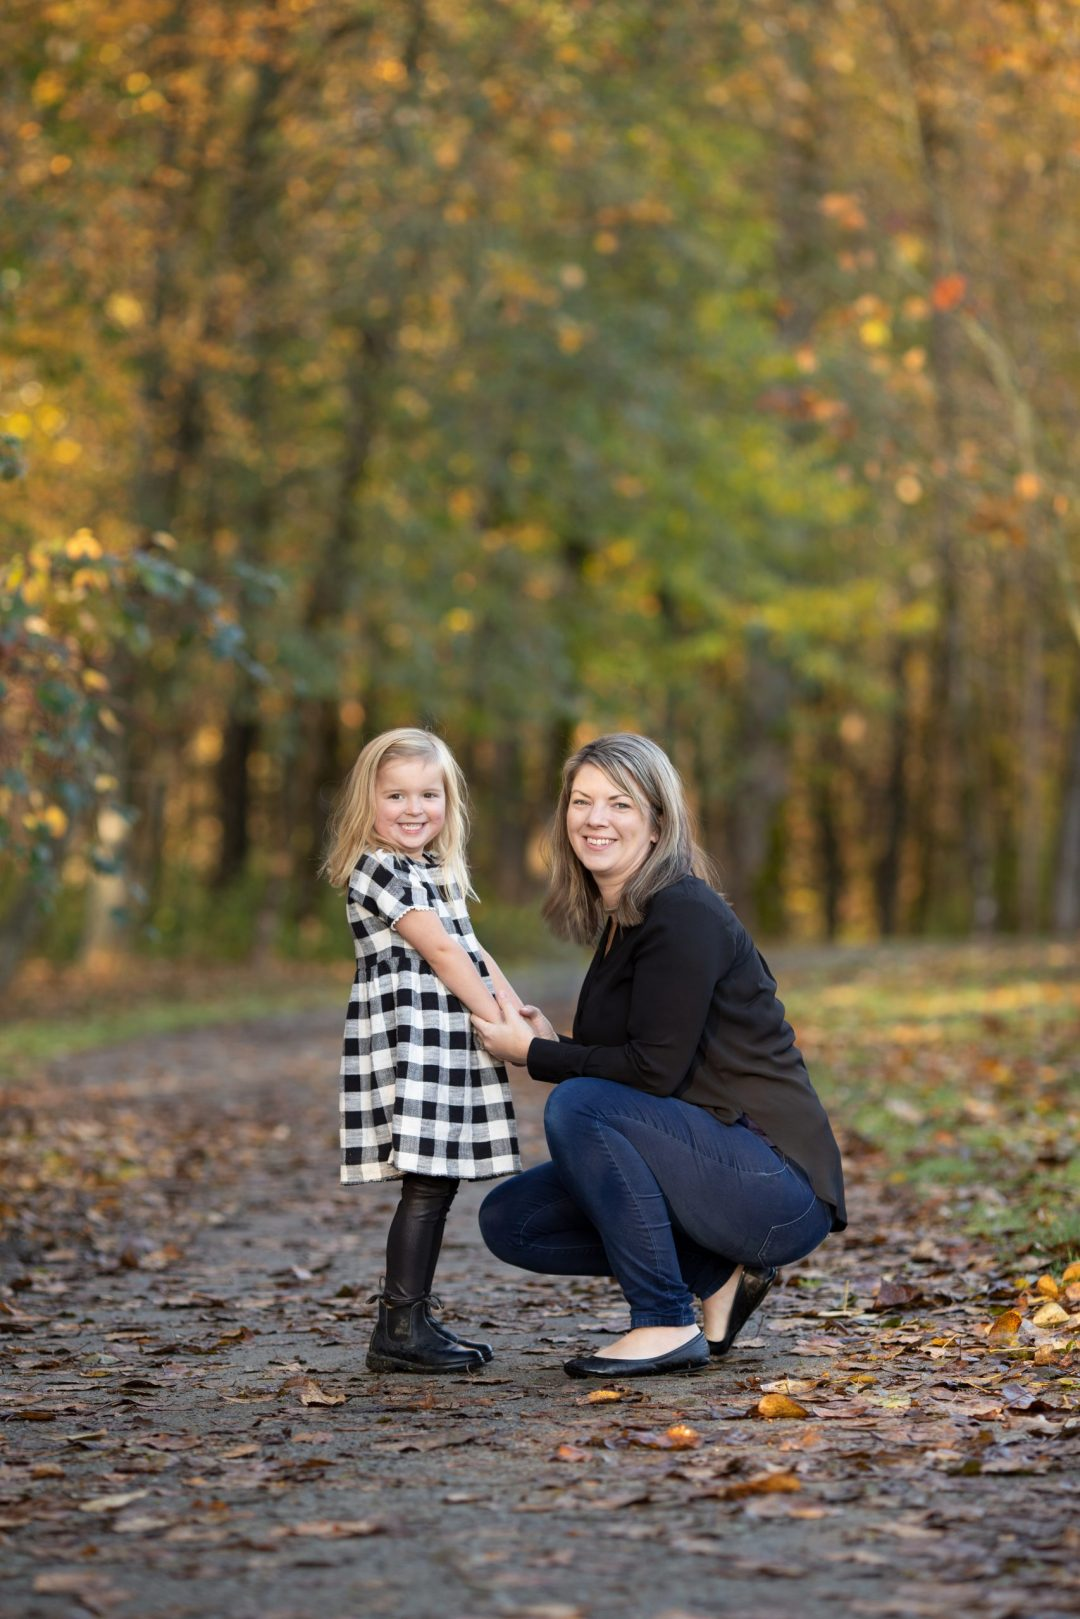 Mother Daughter Portrait - Sarah Davids Photography